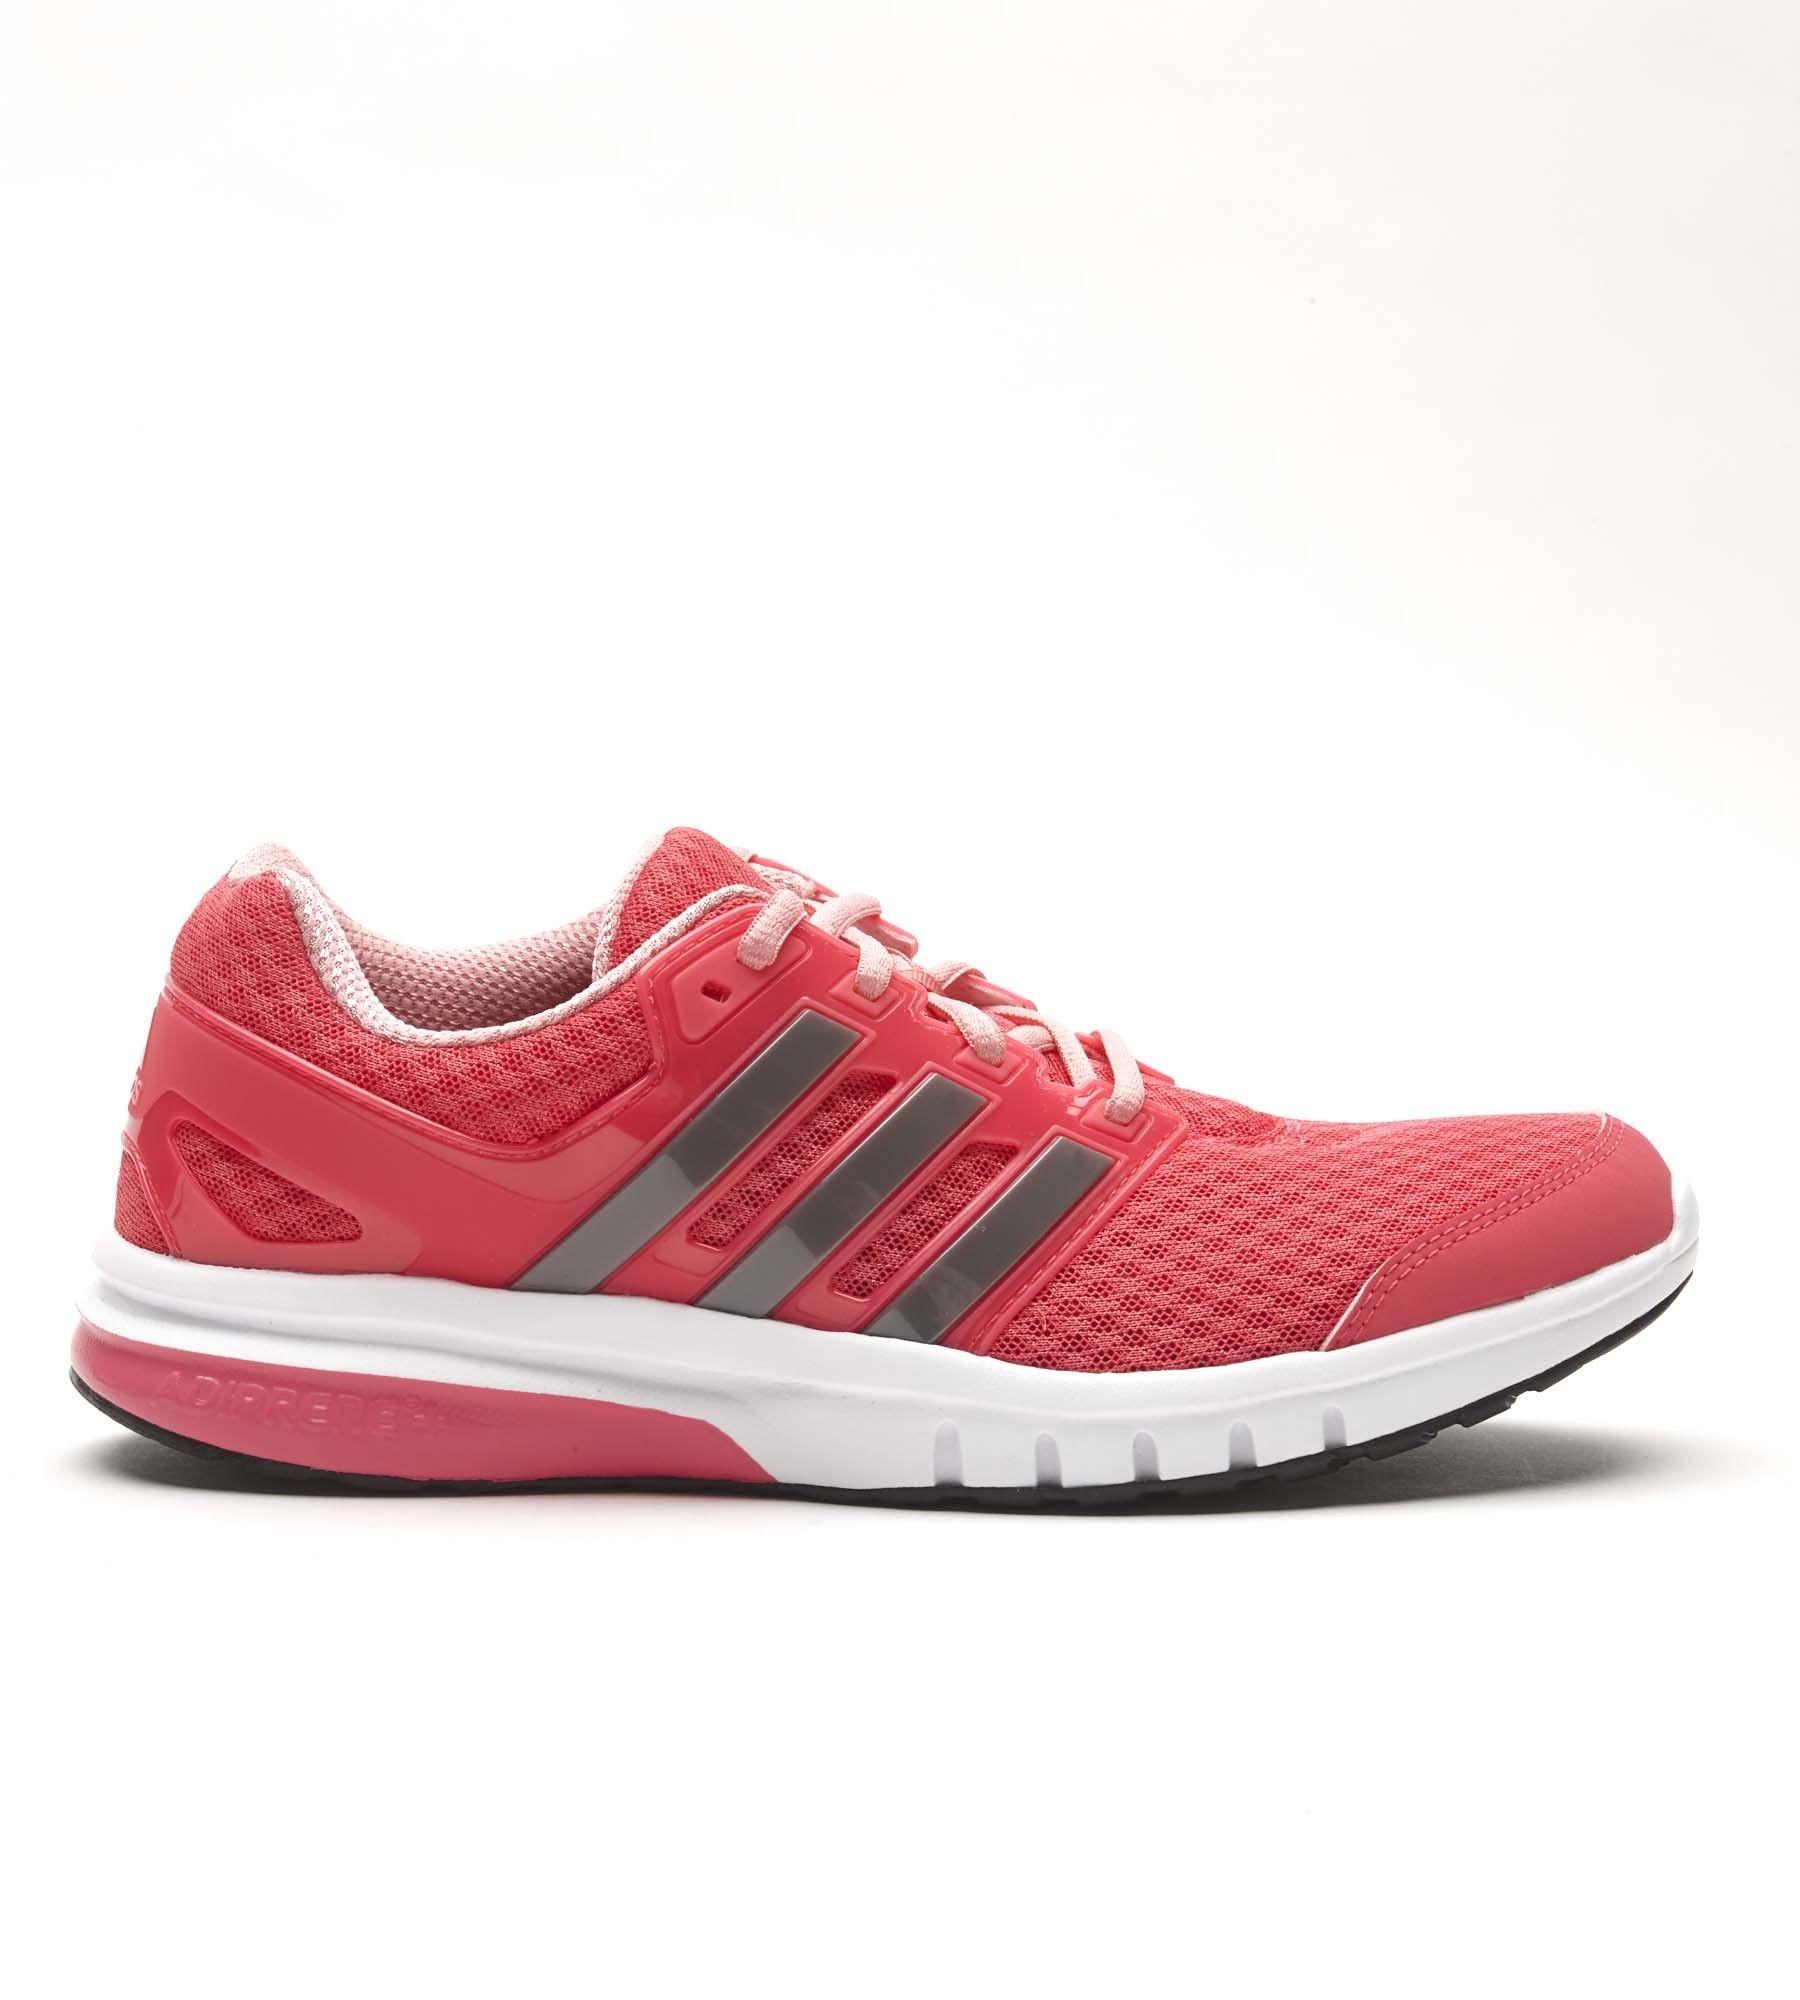 decimas zapatillas adidas mujer Compra Productos adidas online